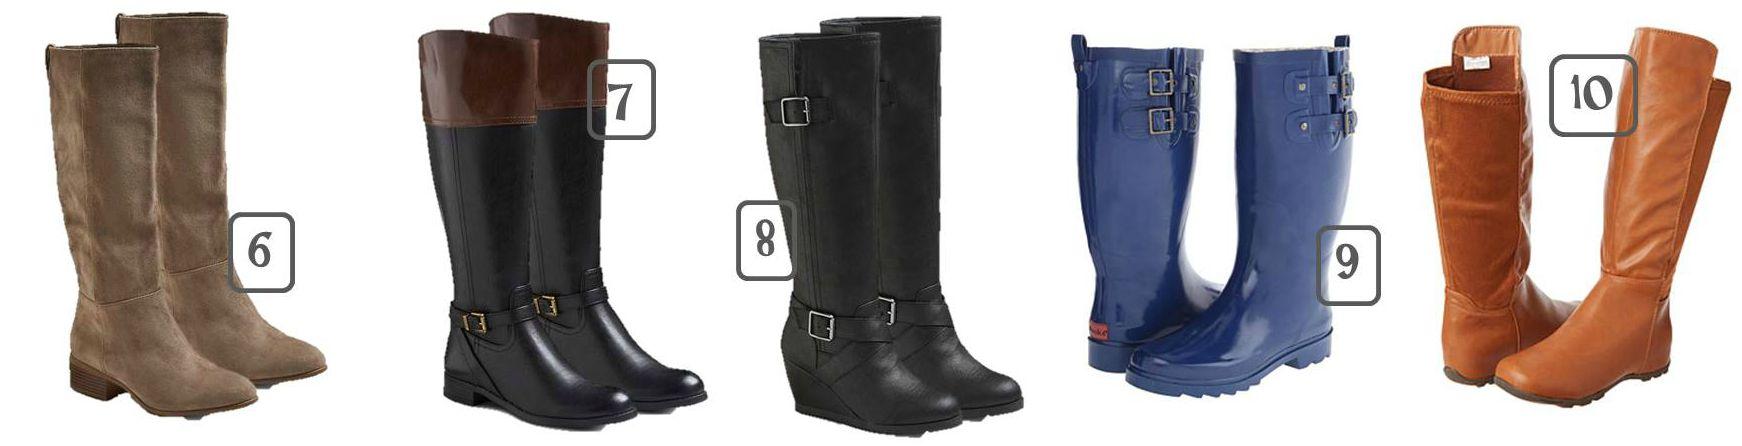 Tall Fall Boots